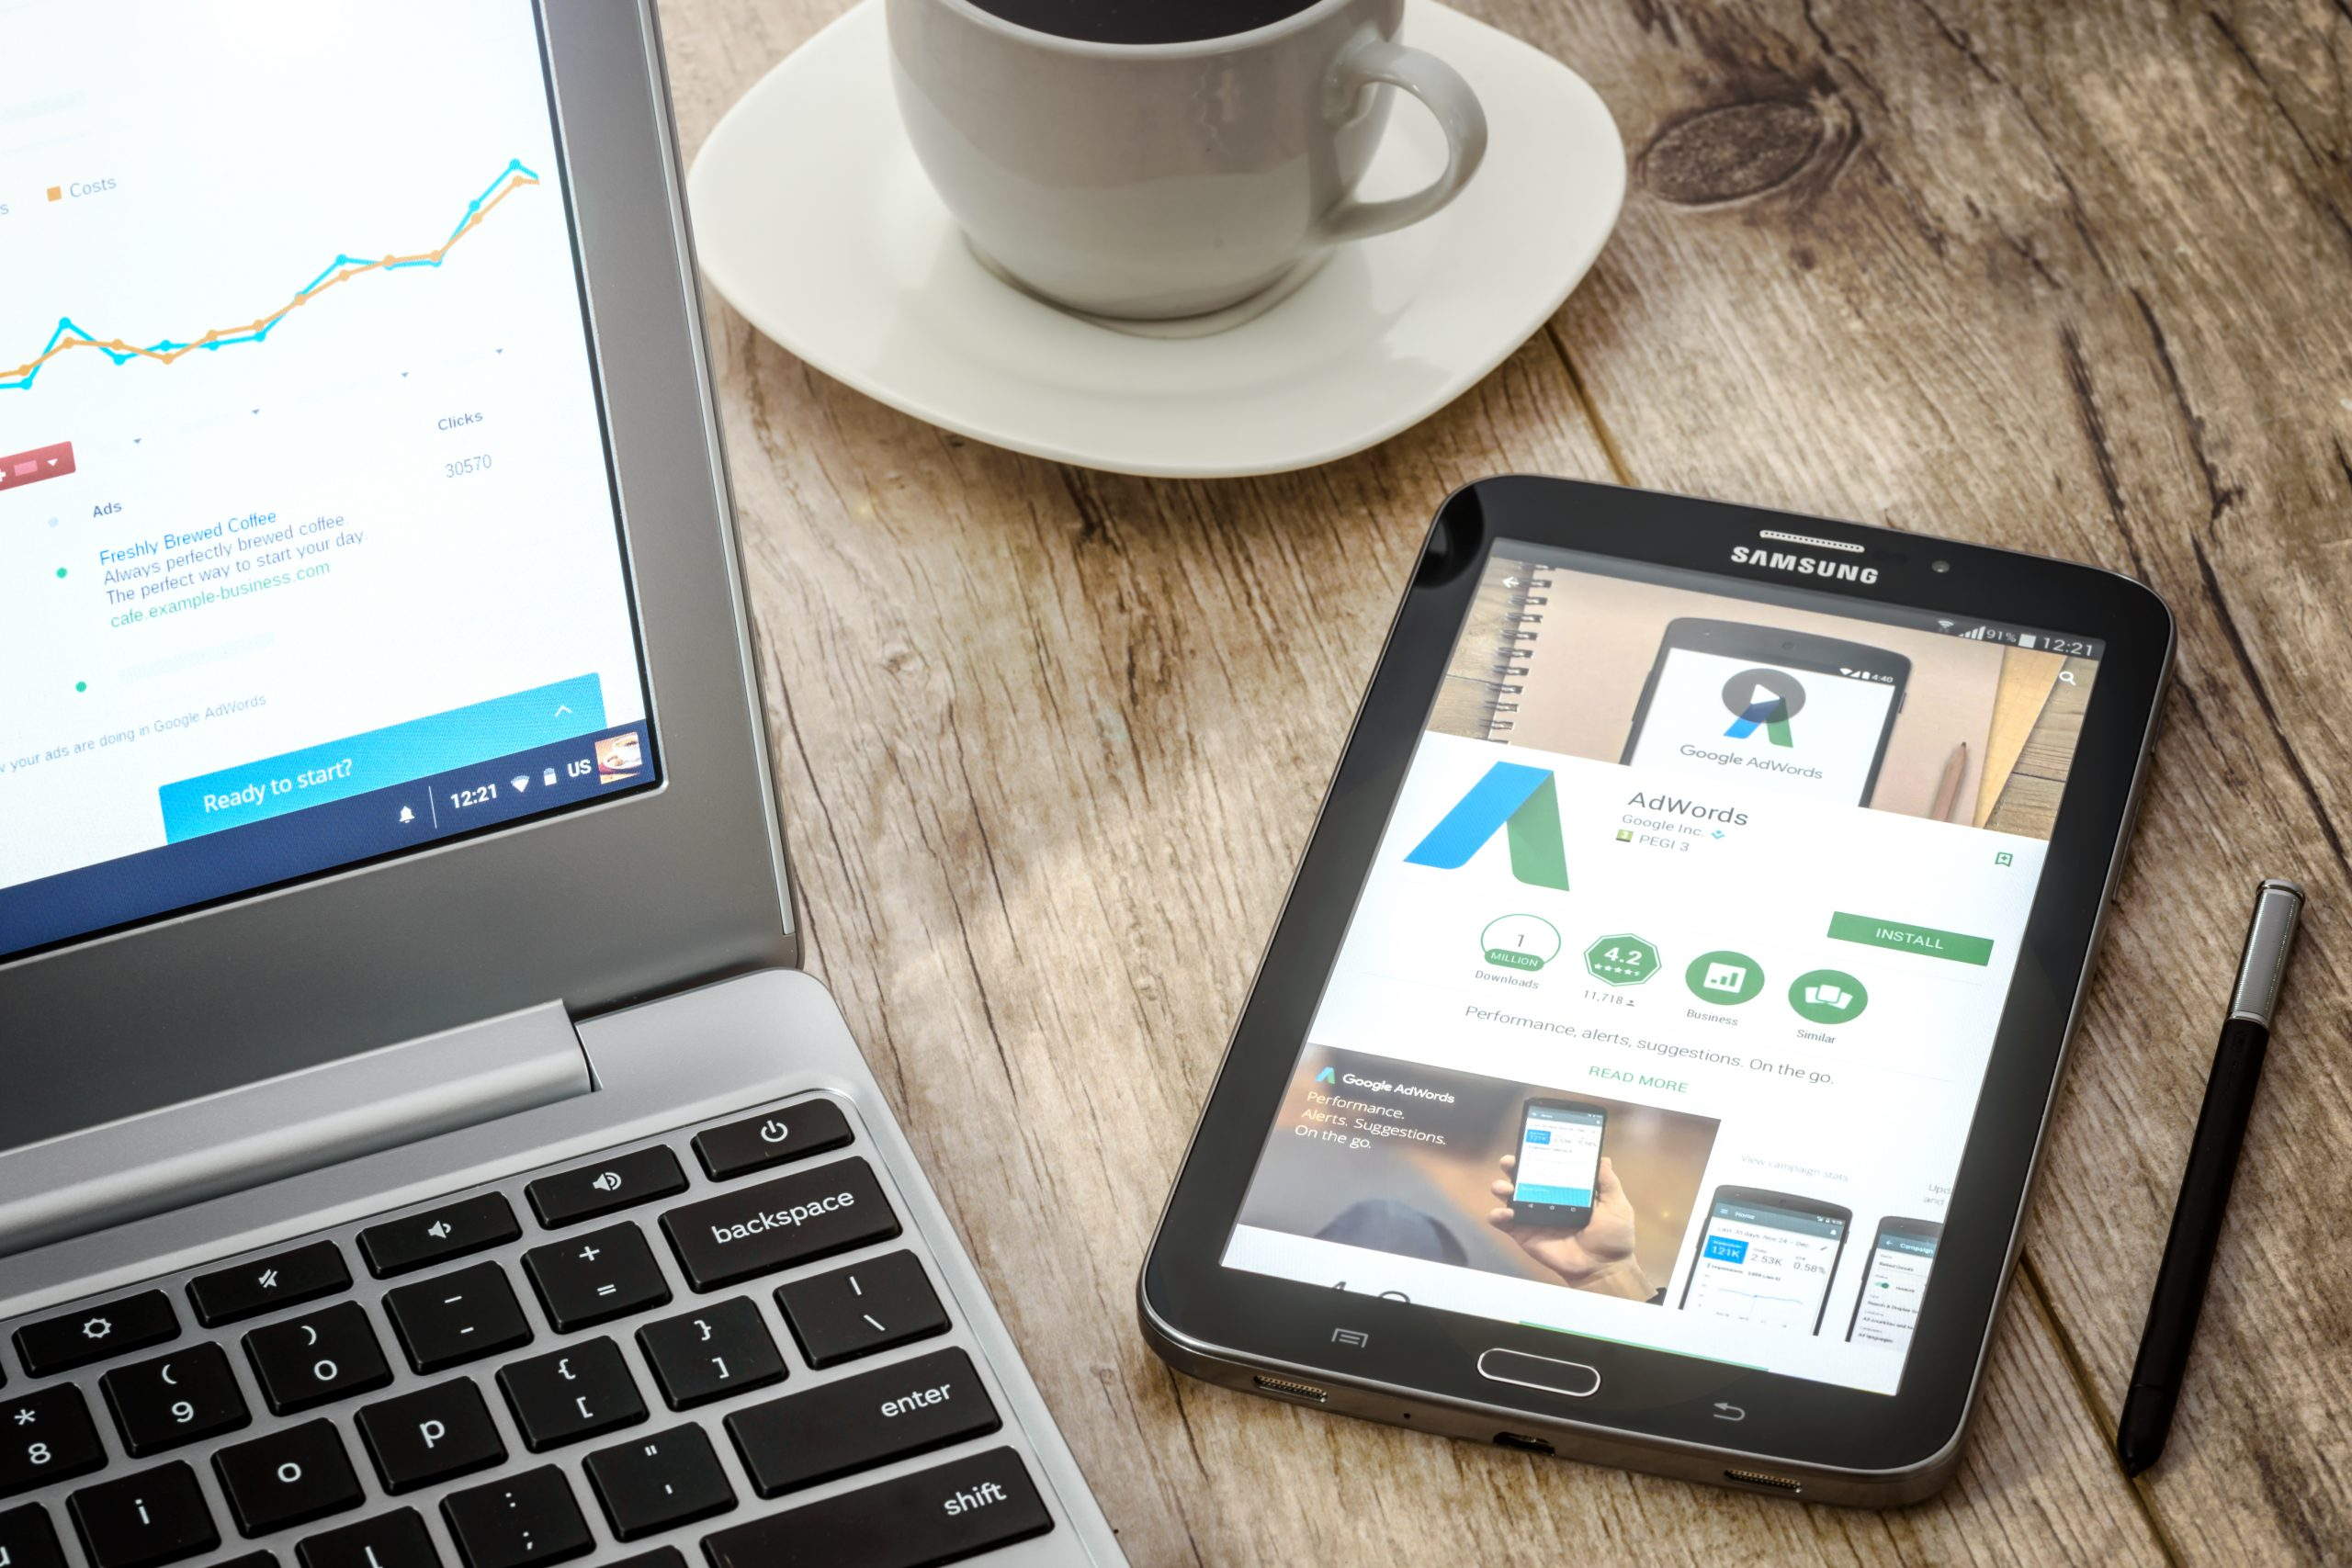 Tablet on desk shows Google Ads site.